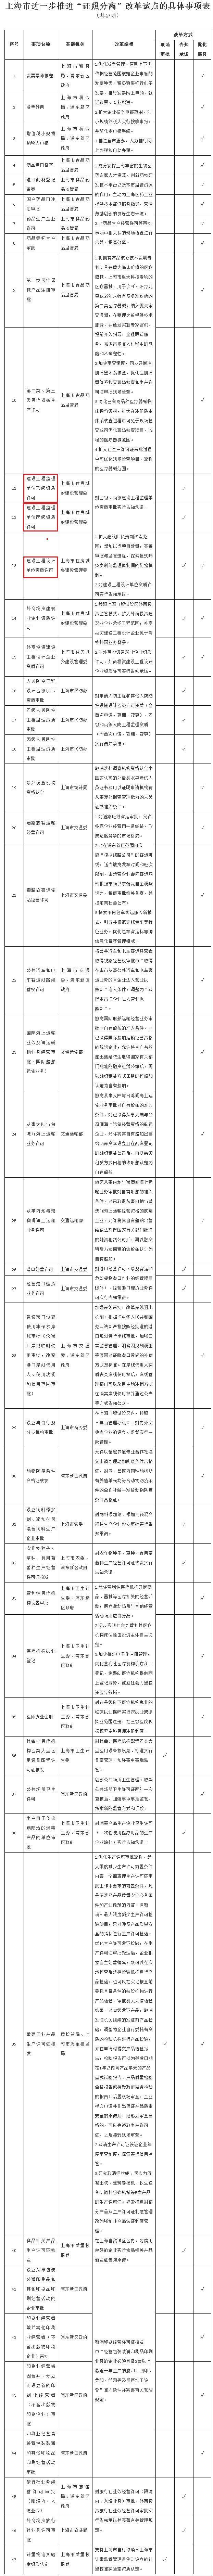 同意再扩大上海建筑师负责制试点,对企业资质实行告知承诺!